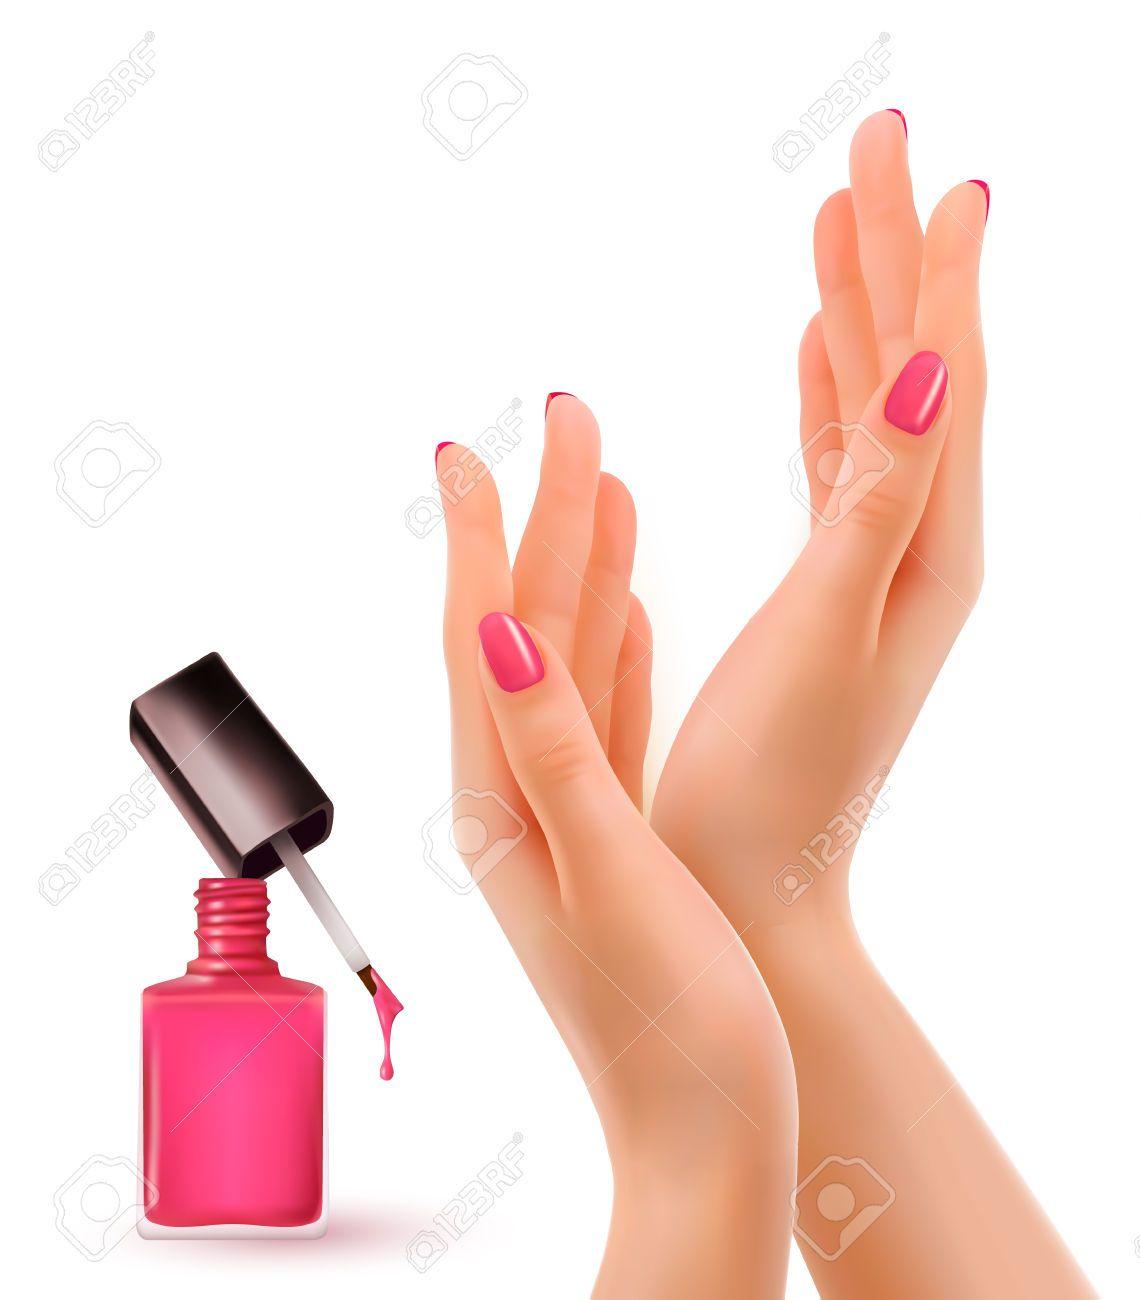 Las Manos Con Las Uñas Pintadas De Color Rosa. Nail Botella De ...